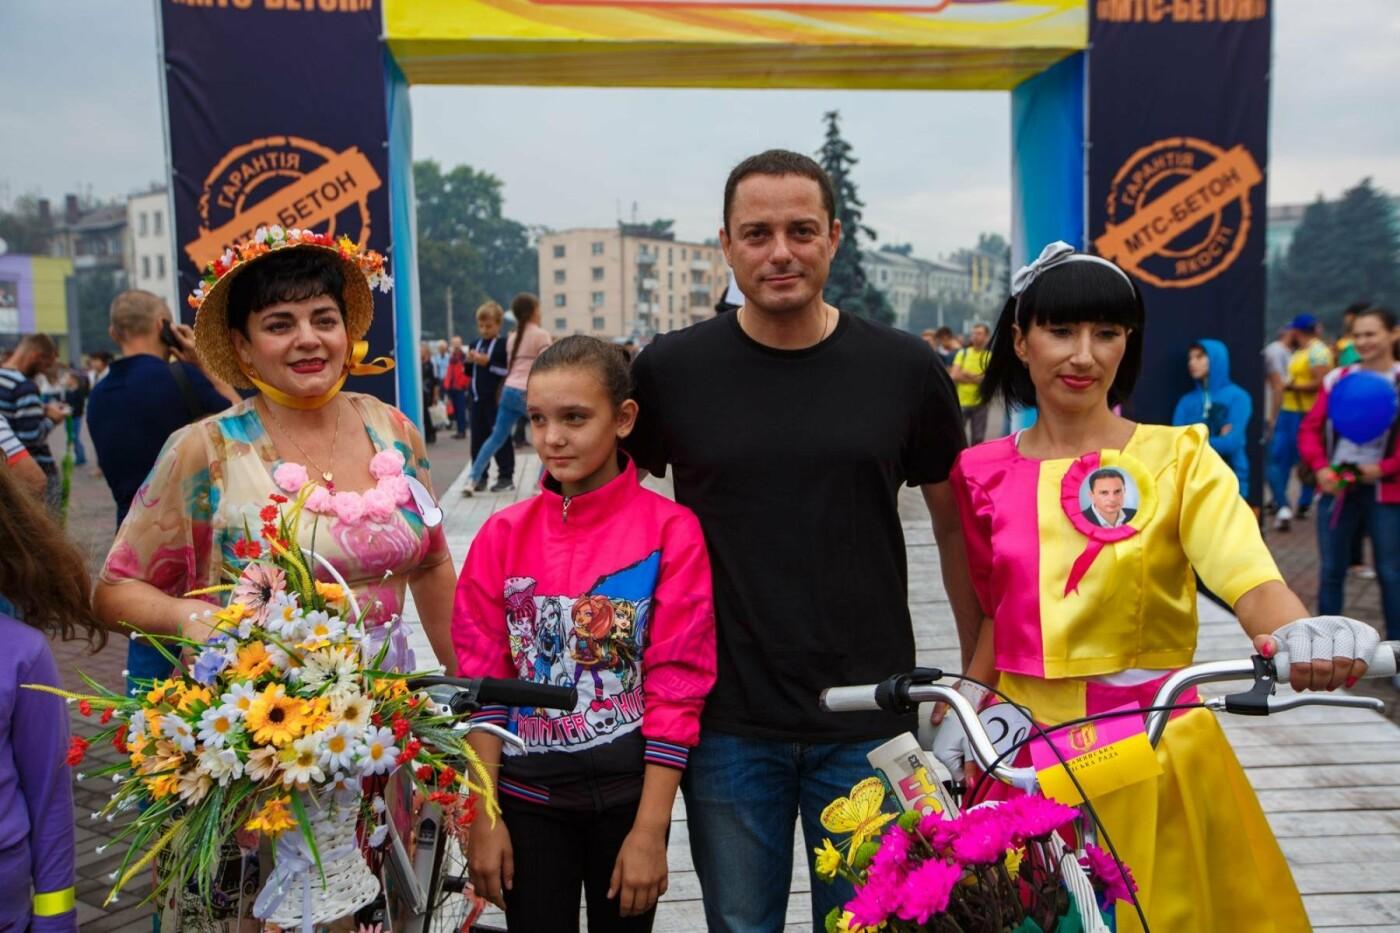 «Люблю Кам'янське», 12-метровый торт и фейерверки: как каменчане отмечали День города, фото-2